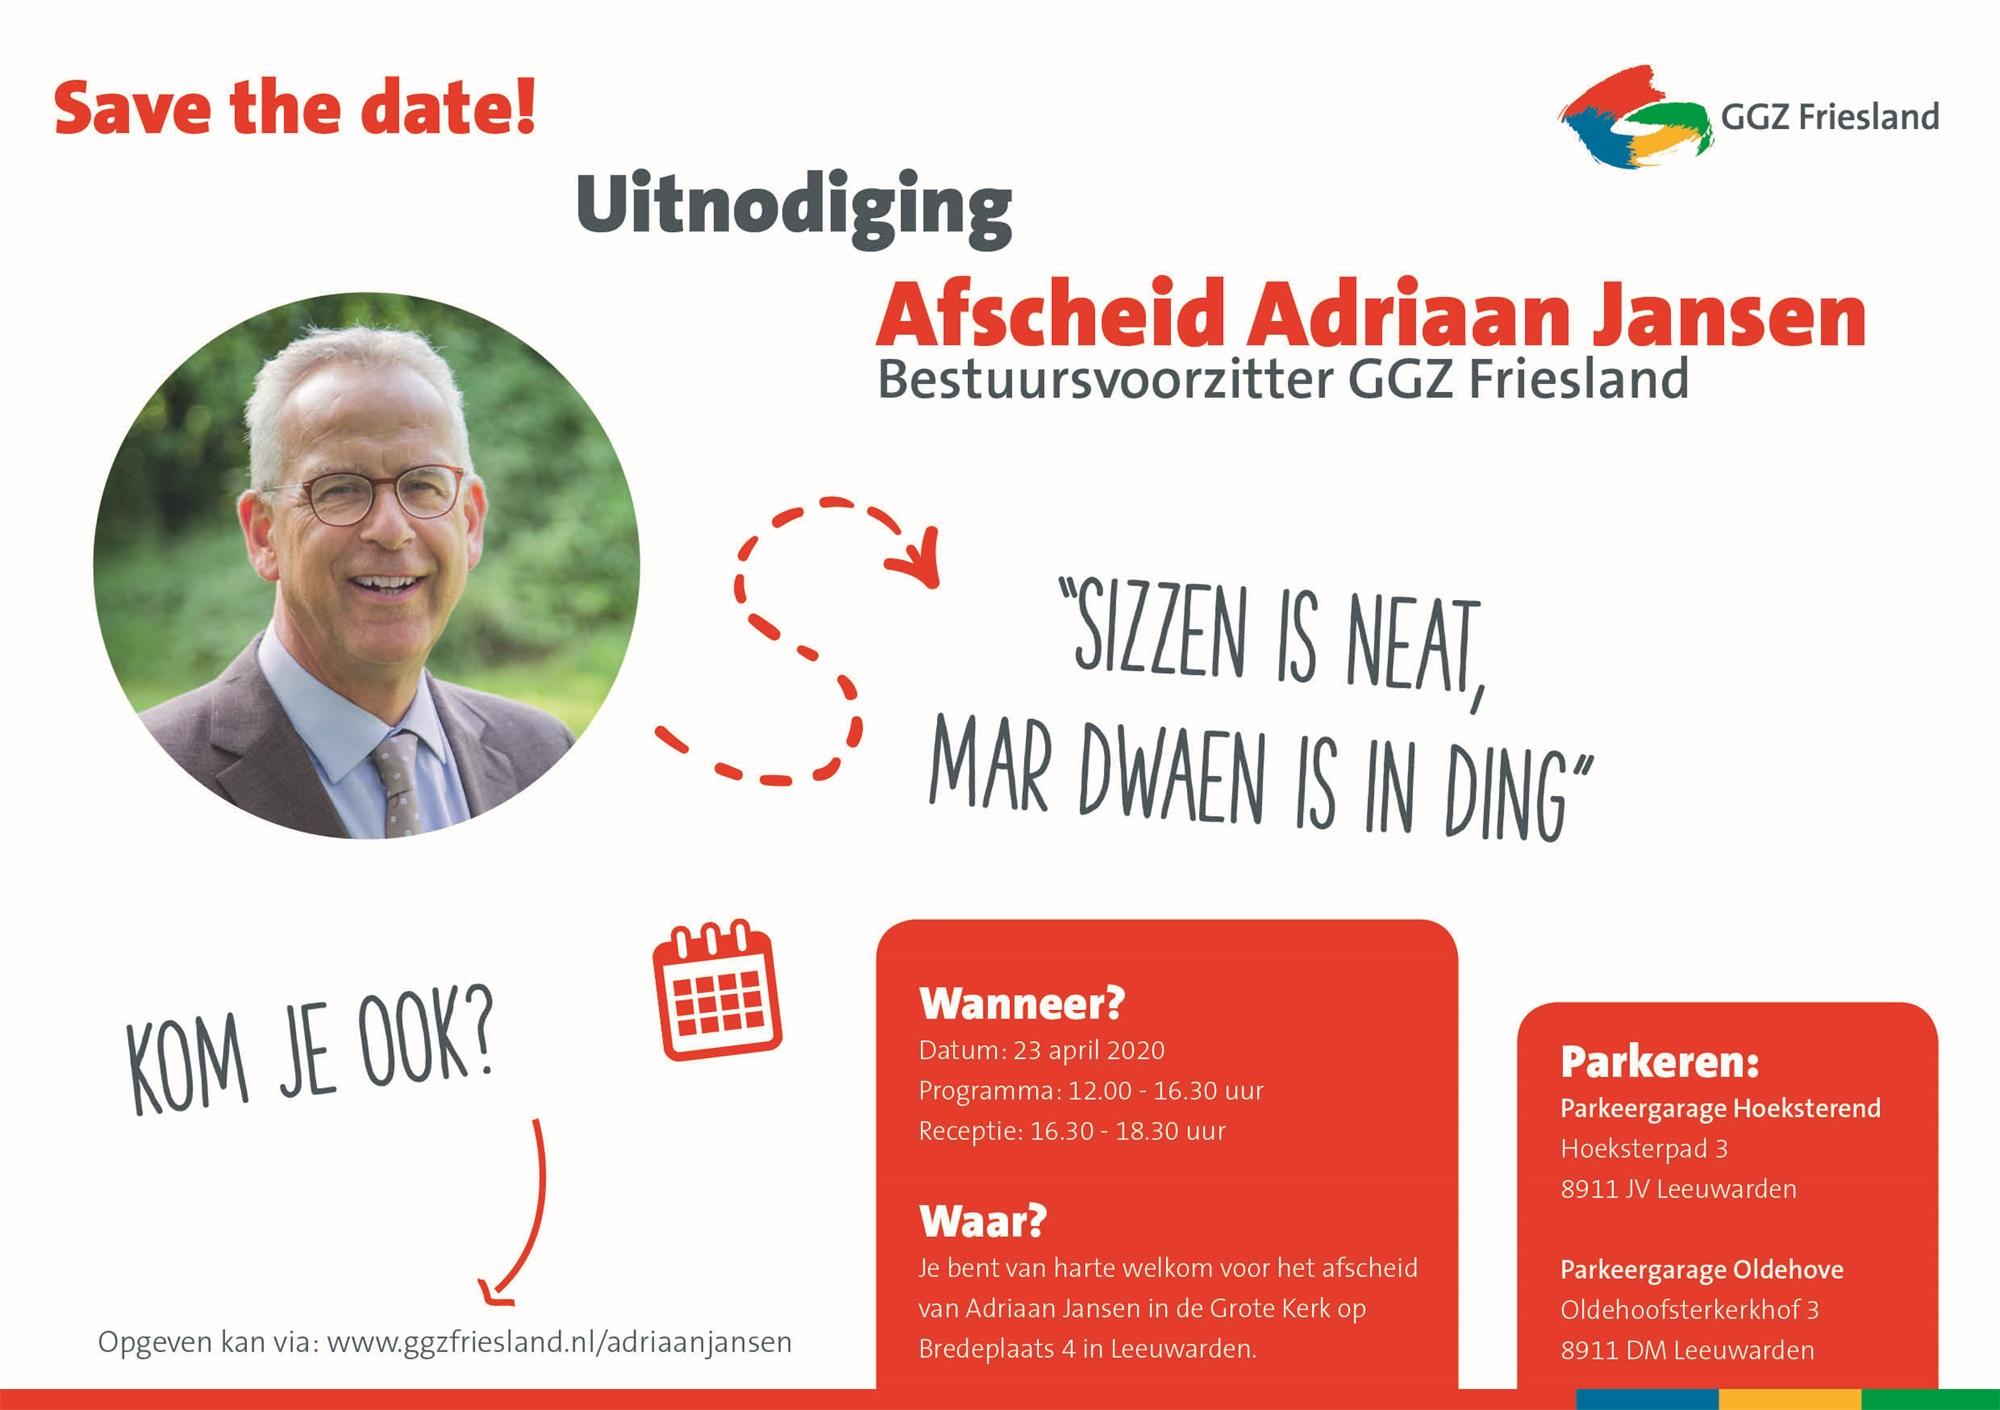 Uitnodiging Adriaan Jansen